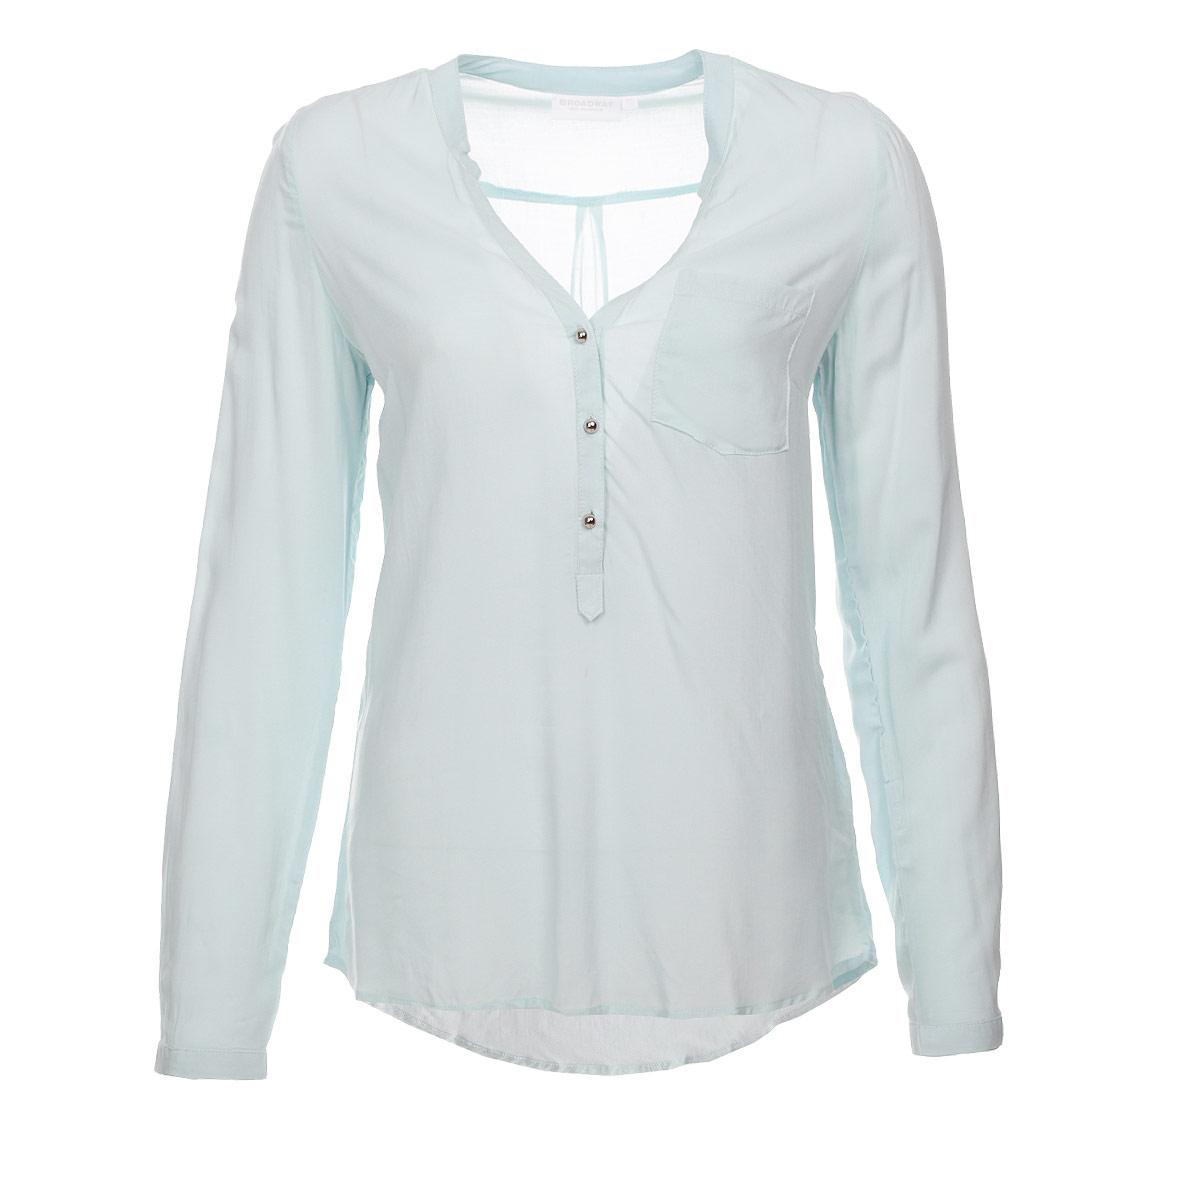 Блузка женская. 1015217710152177 001Элегантная блузка Broadway выполнена из вискозы, материал очень мягкий и приятный на ощупь. Модель прямого кроя с длинными рукавами и V-образным вырезом горловины. Блузка застегивается на пуговицы до середины длины изделия. Манжеты также застегиваются на пуговицы. На груди изделие дополнено накладным карманом. Лаконичная блузка с полукруглым низом будет идеально сочетаться с узкими брюками или леггинсами. Эта блузка послужит отличным дополнением к вашему гардеробу, в ней вы будете чувствовать себя комфортно.